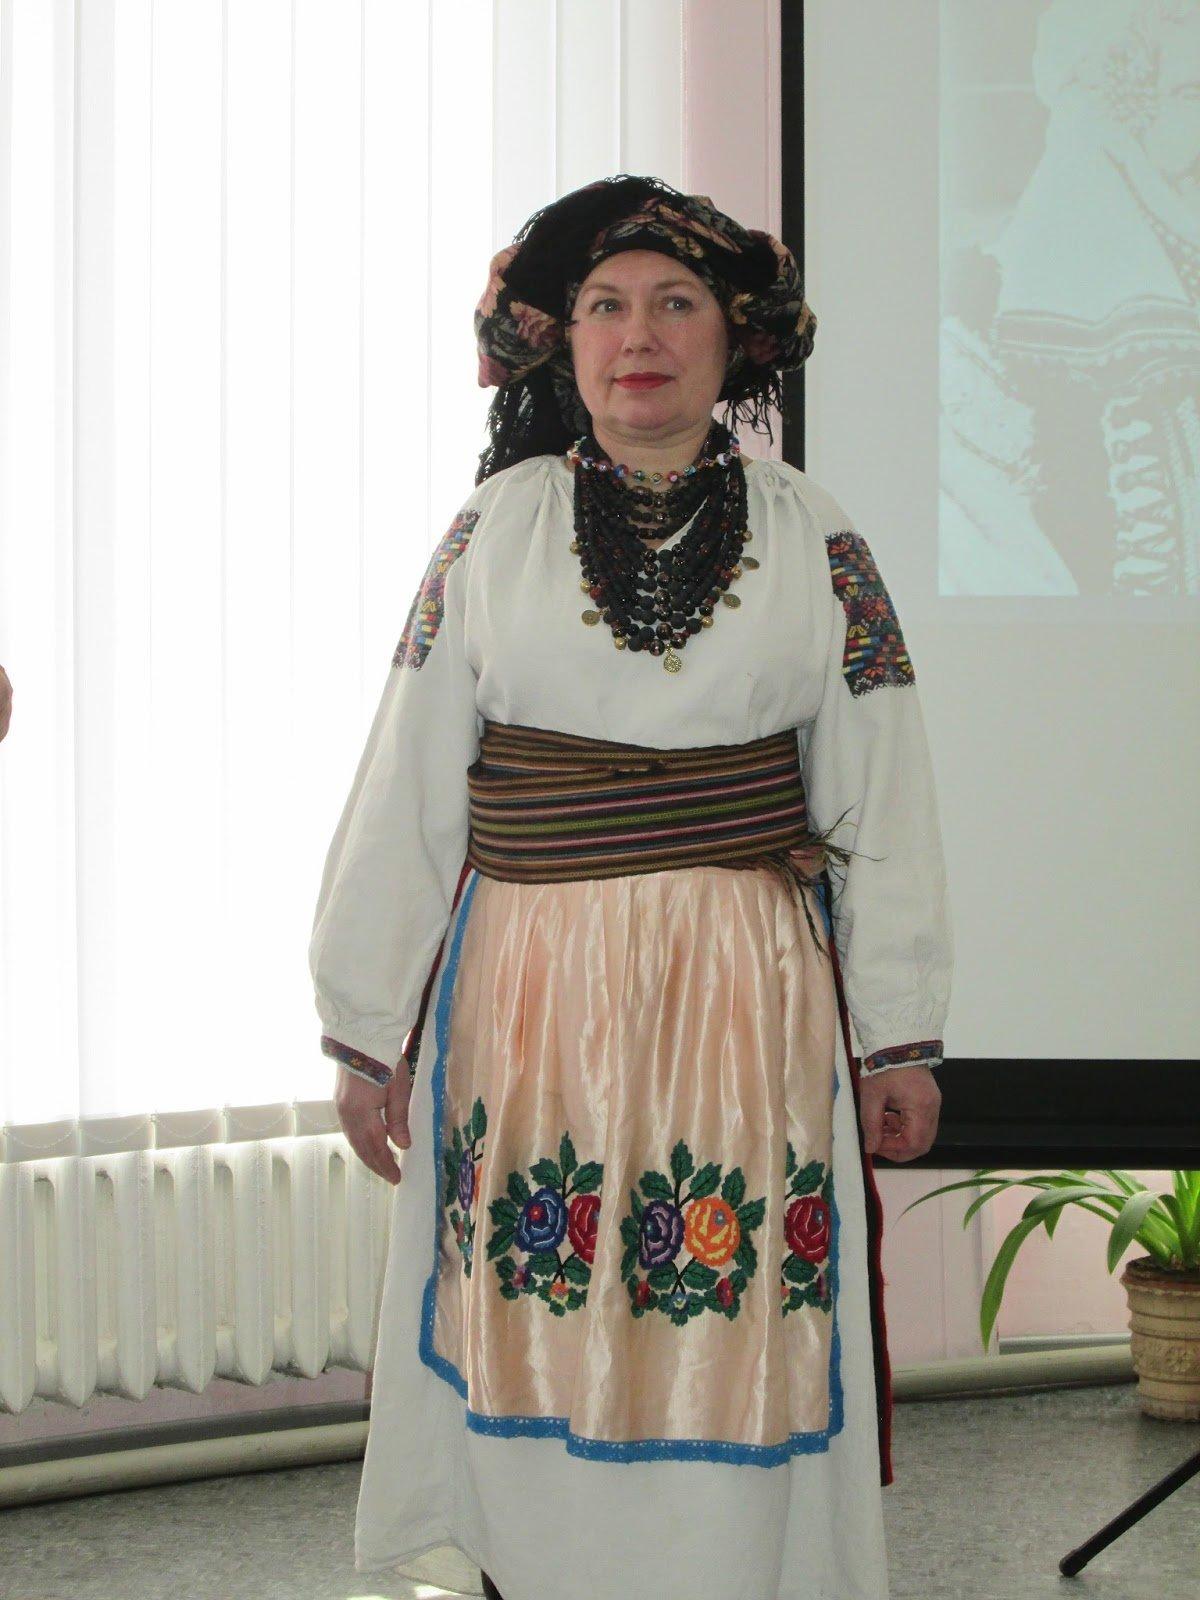 В библиотеке Каменского показали коллекцию украинских костюмов, фото-1